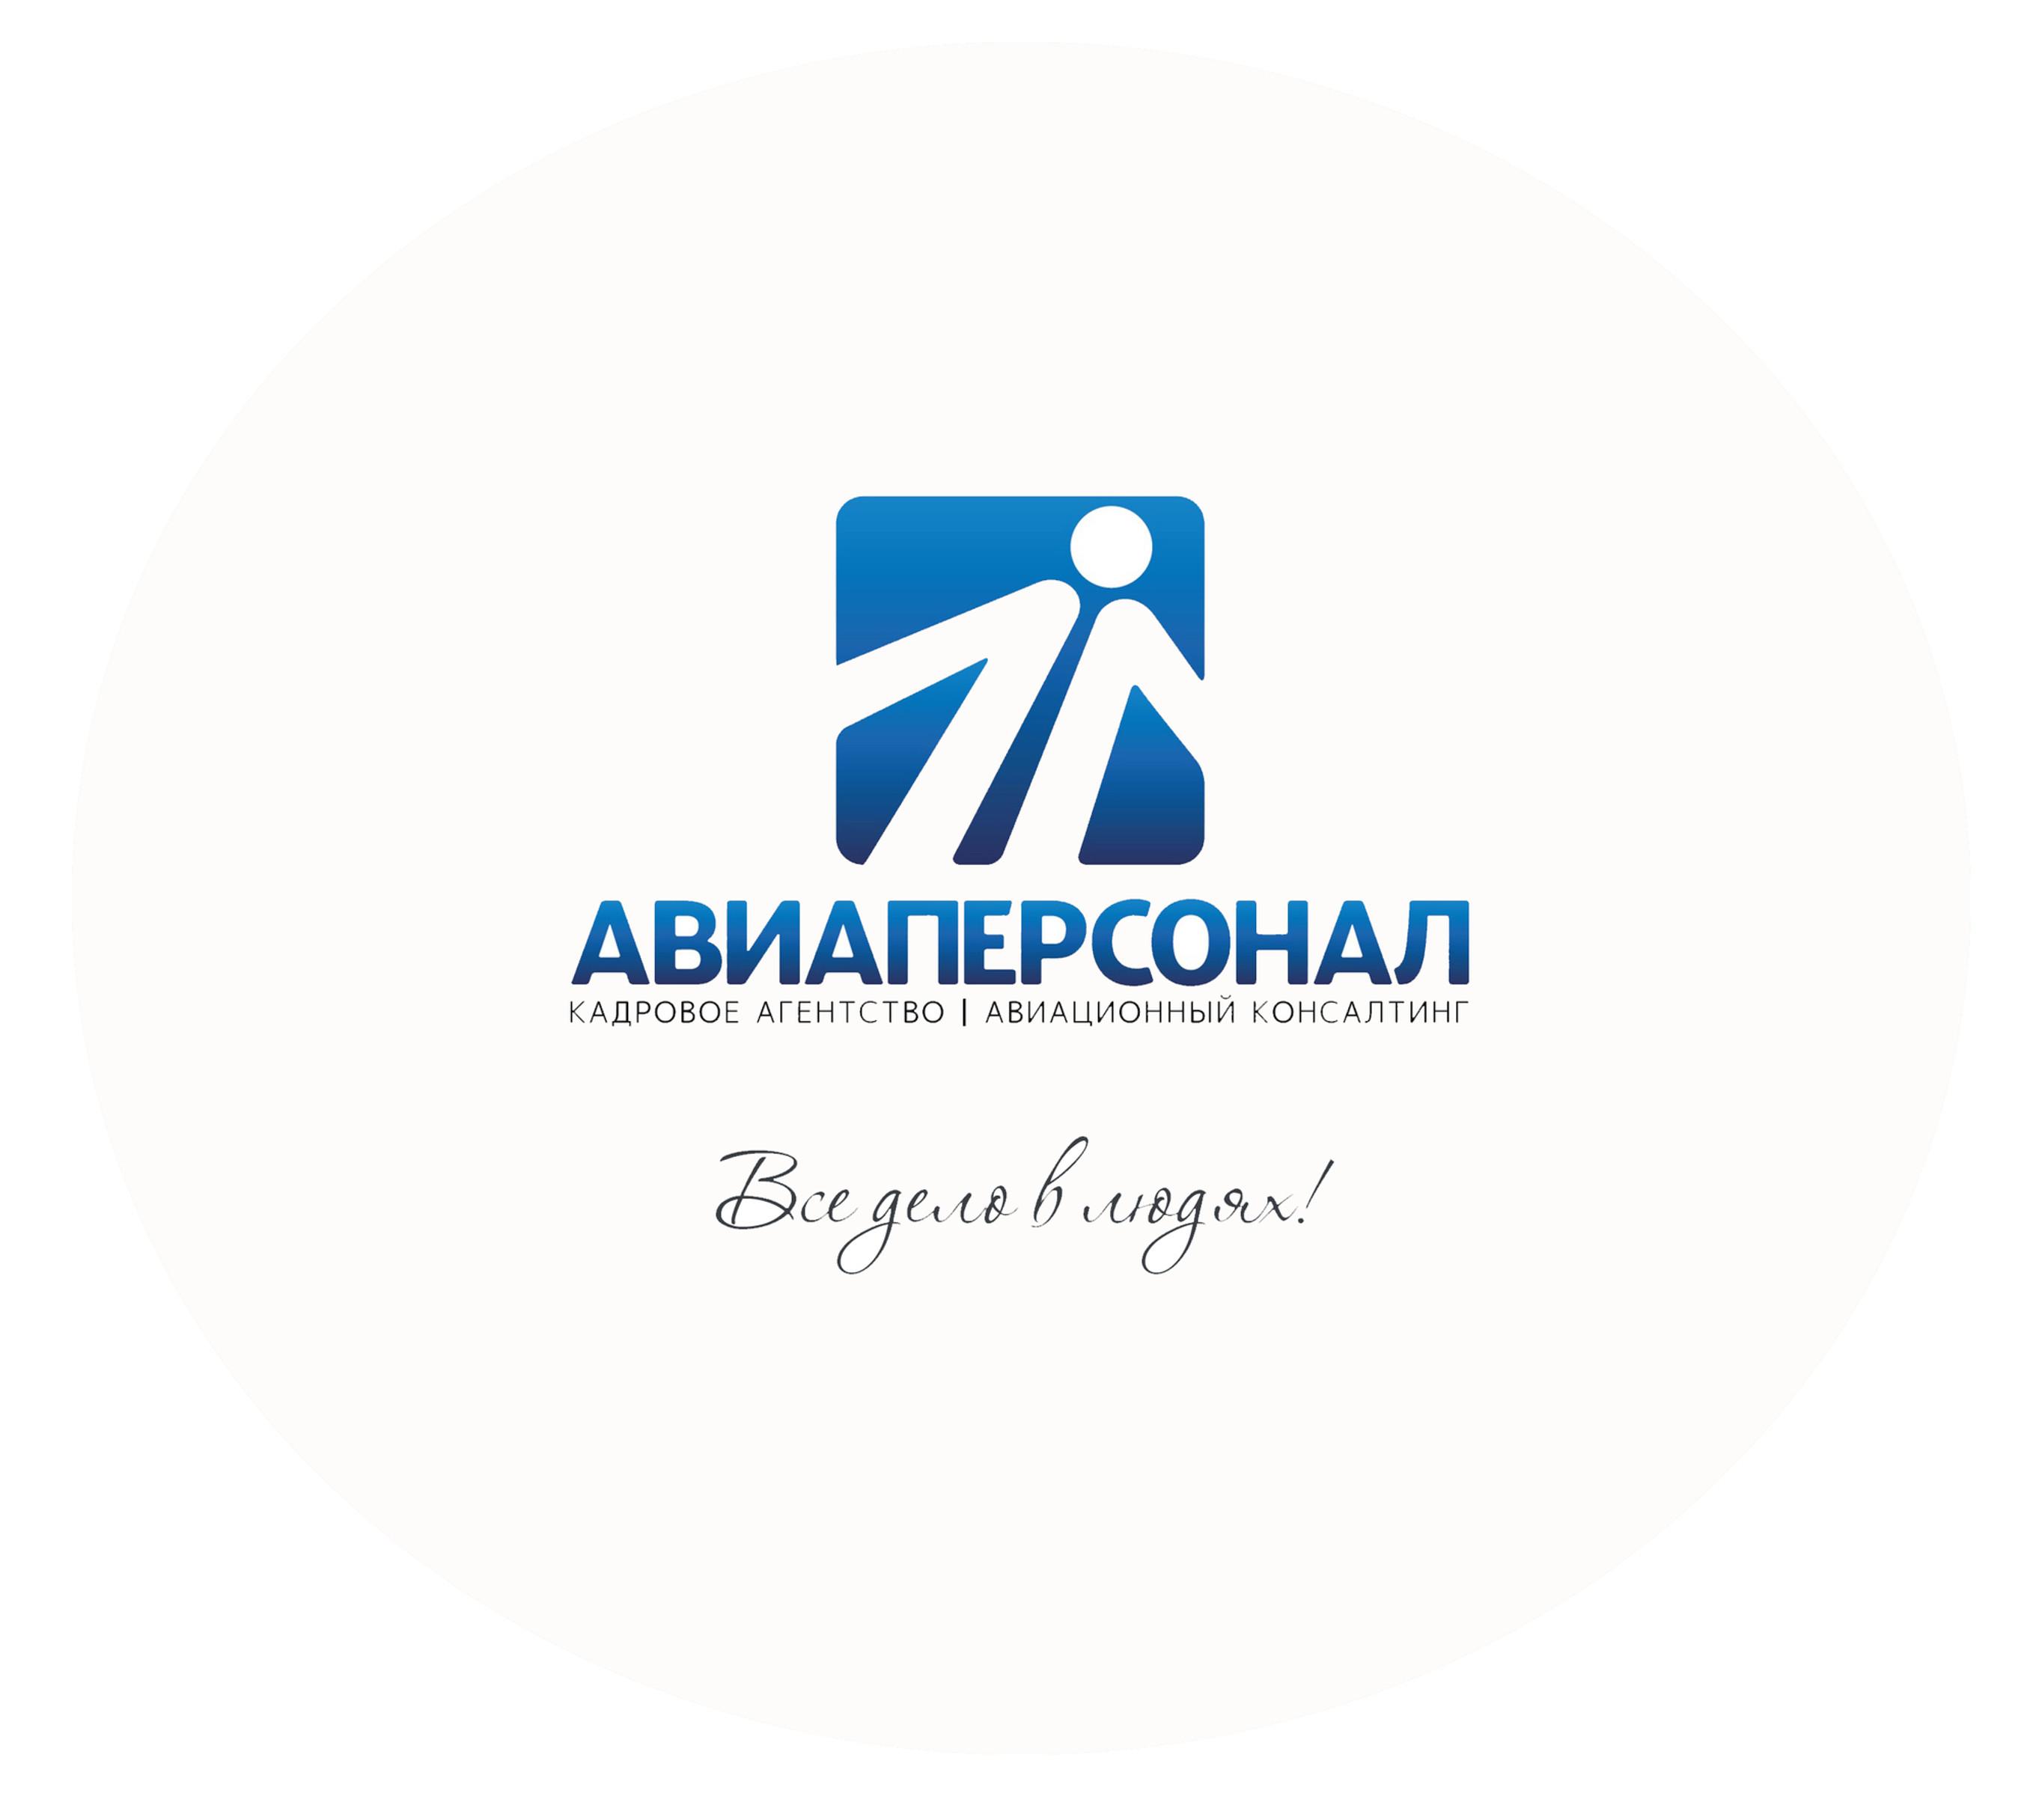 (c) Aviapersonal.ru